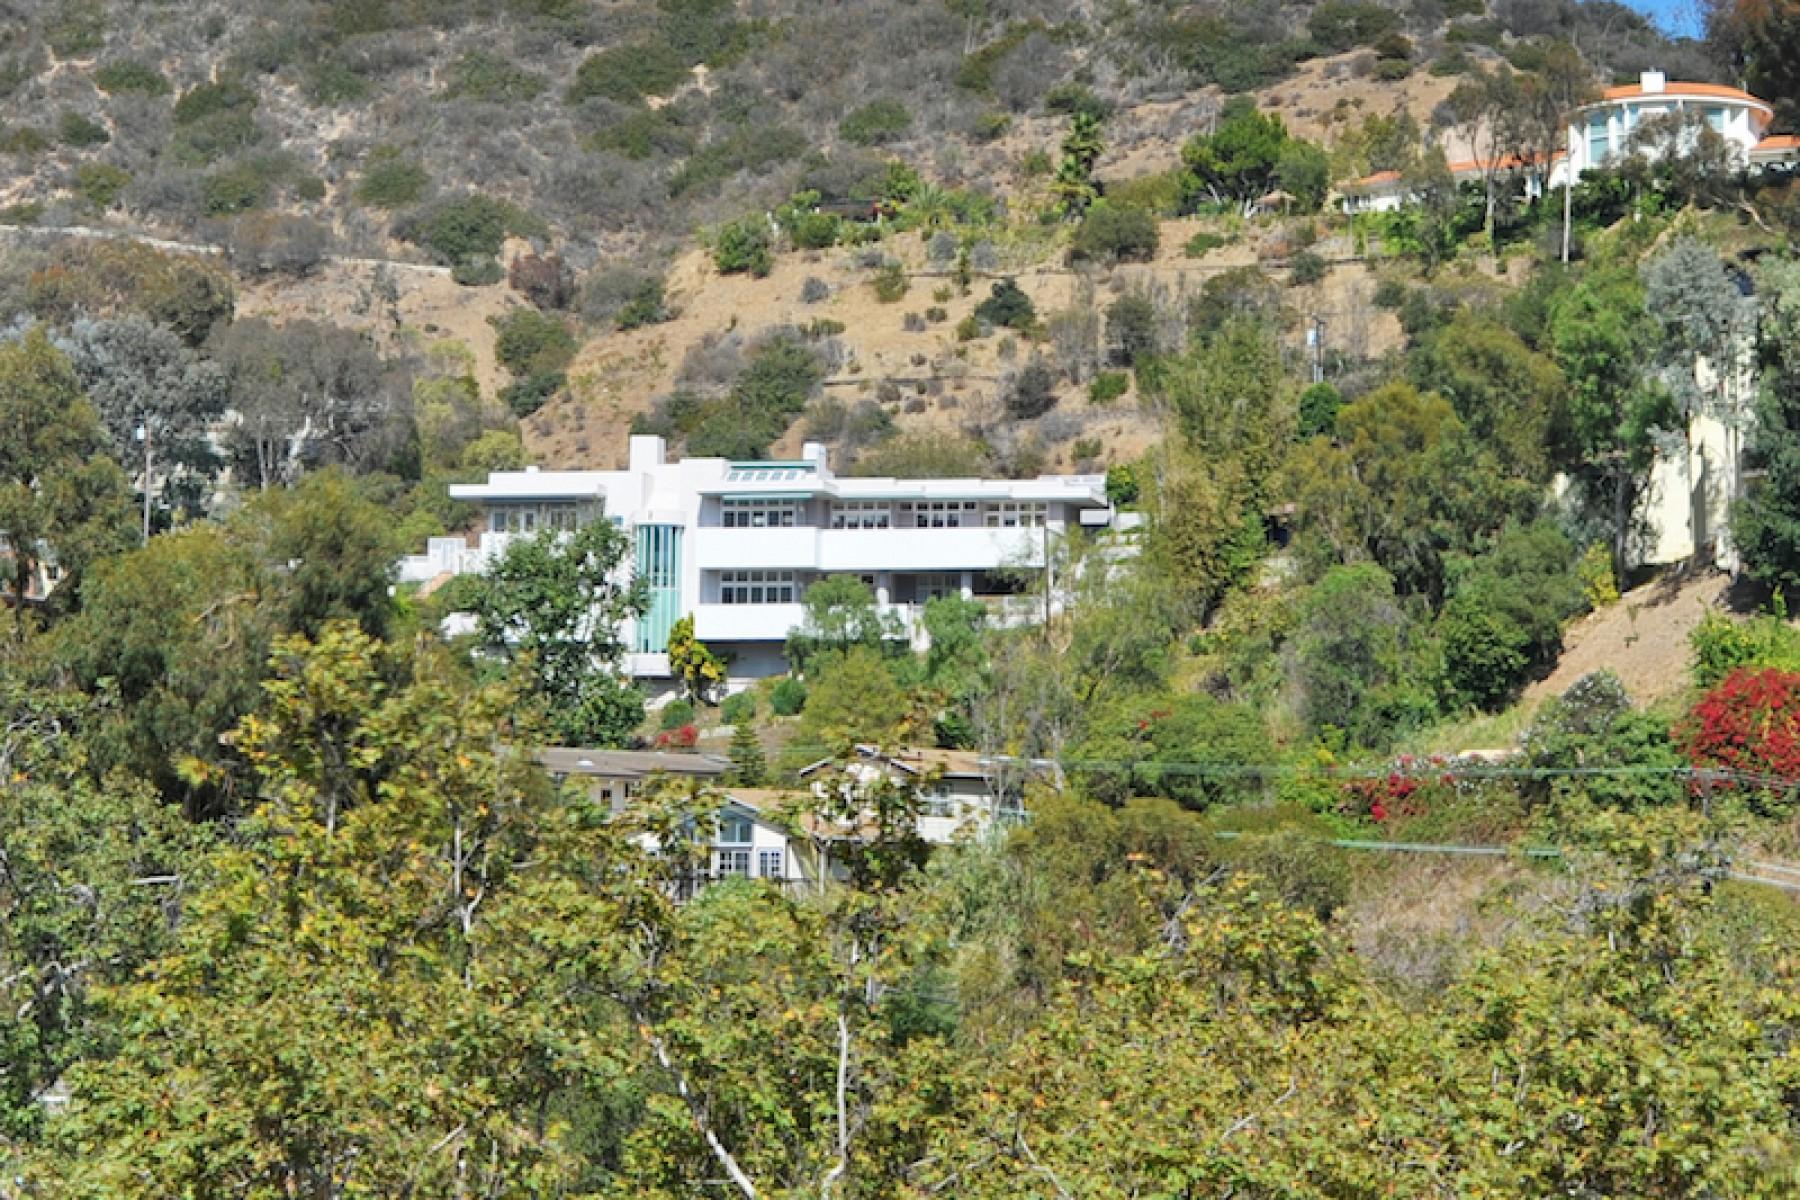 21070 LAS FLORES MESA Drive, Malibu, CA 90265